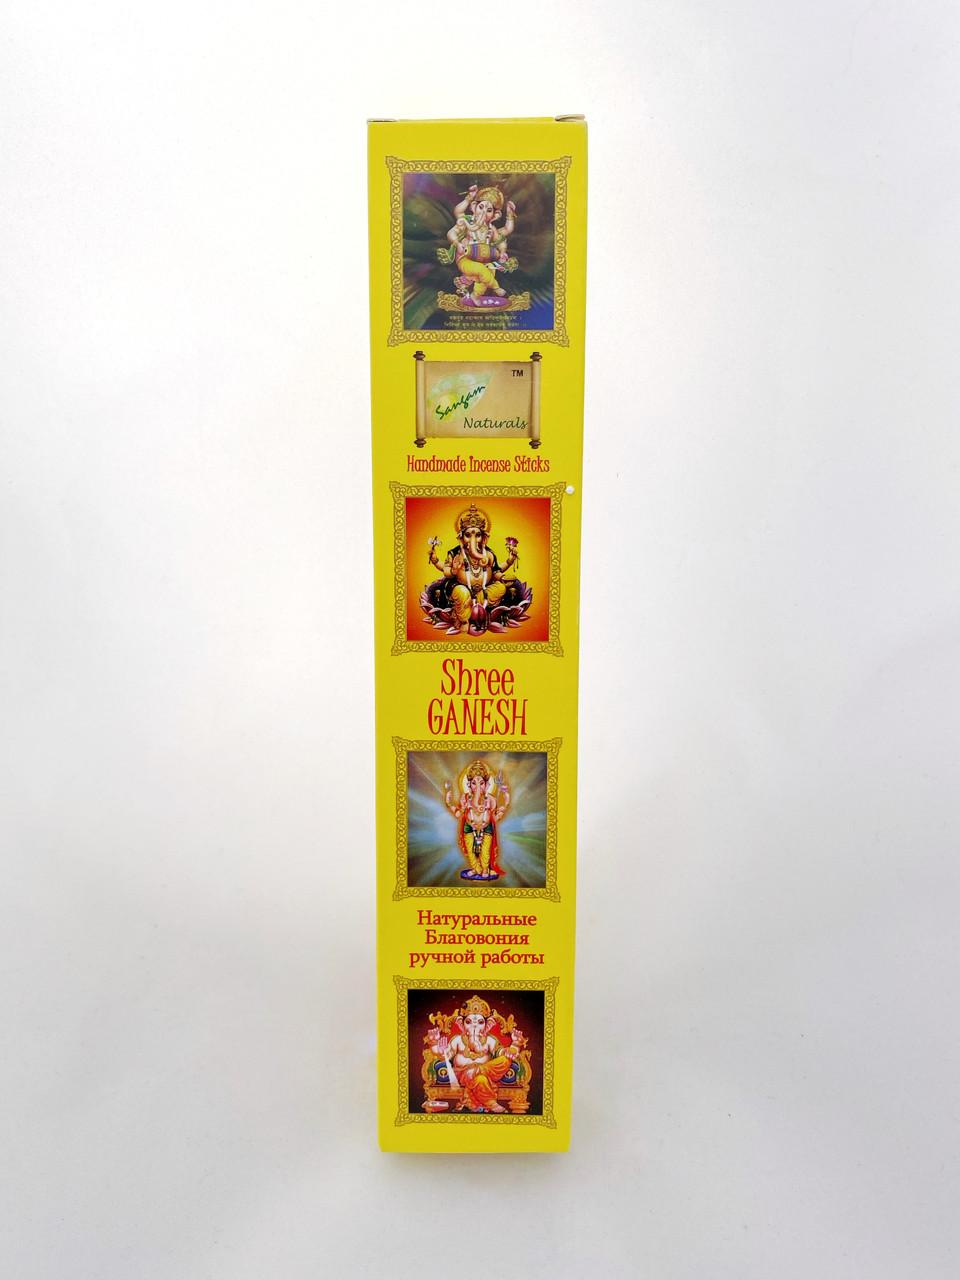 Shree Ganesh, Sangam. натуральные благовония ручной работы